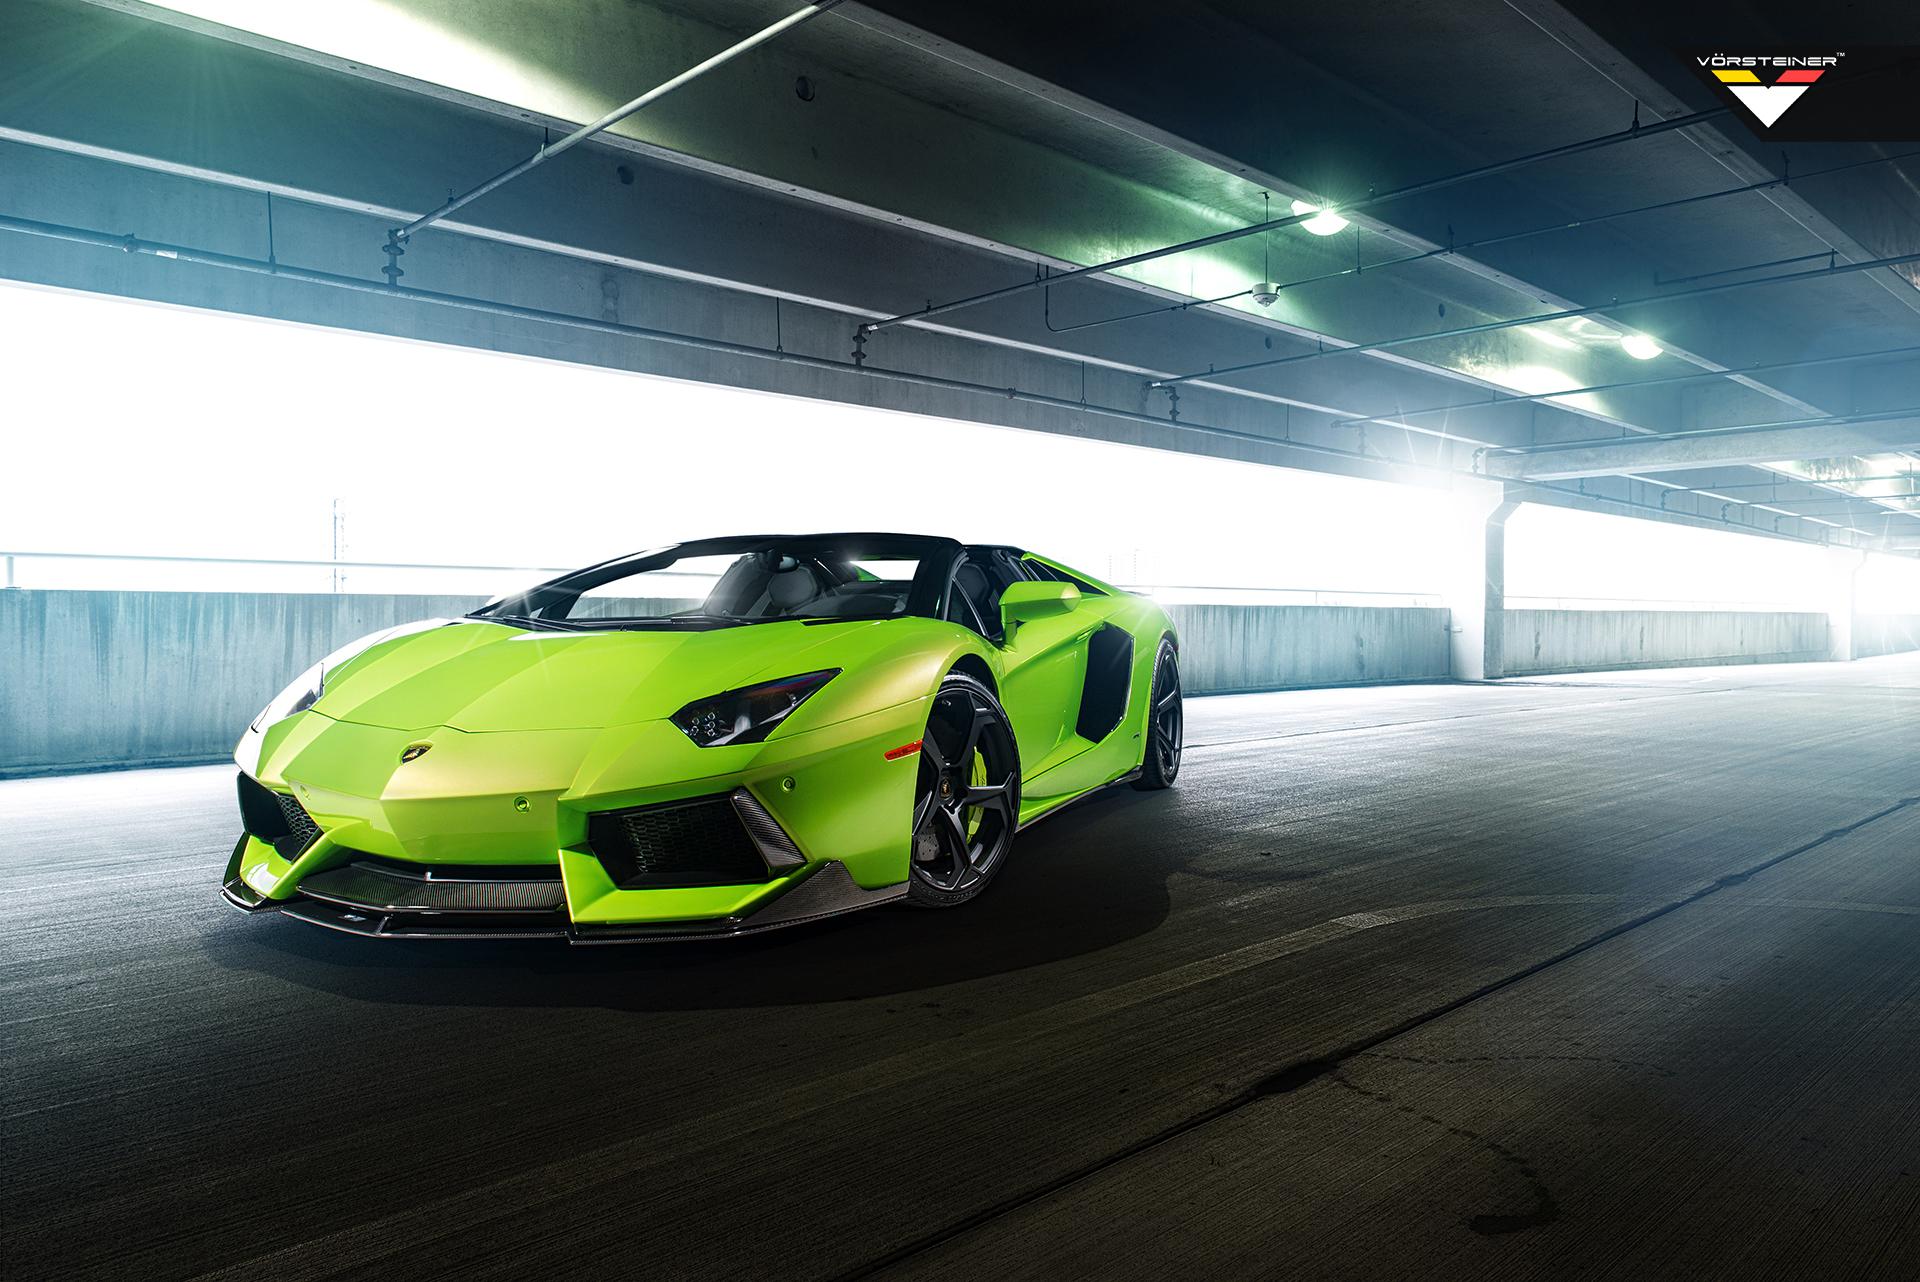 зеленый спортивный автомобиль бесплатно